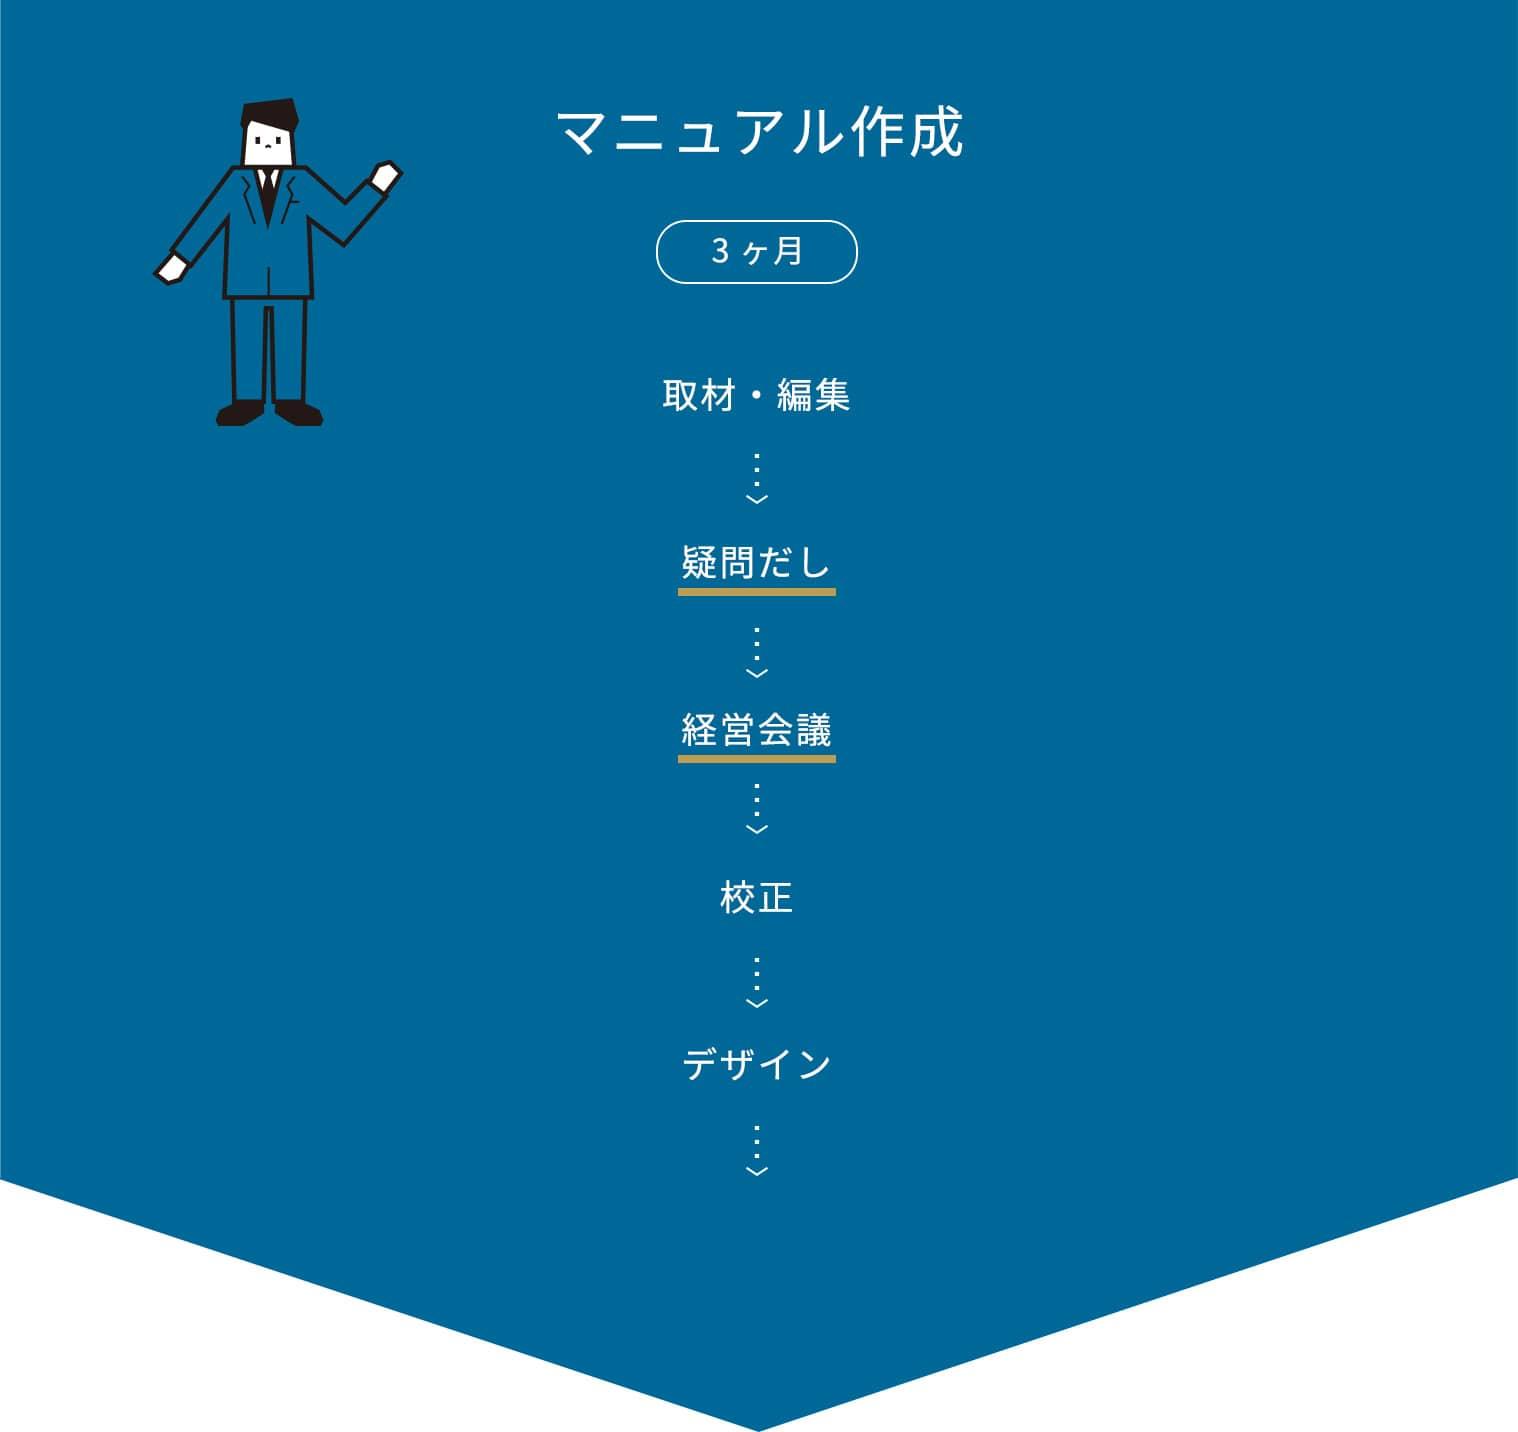 マニュアル作成 / 3ヶ月 / 取材 / 編集 / 校正 > デザイン / 製本 / 納品